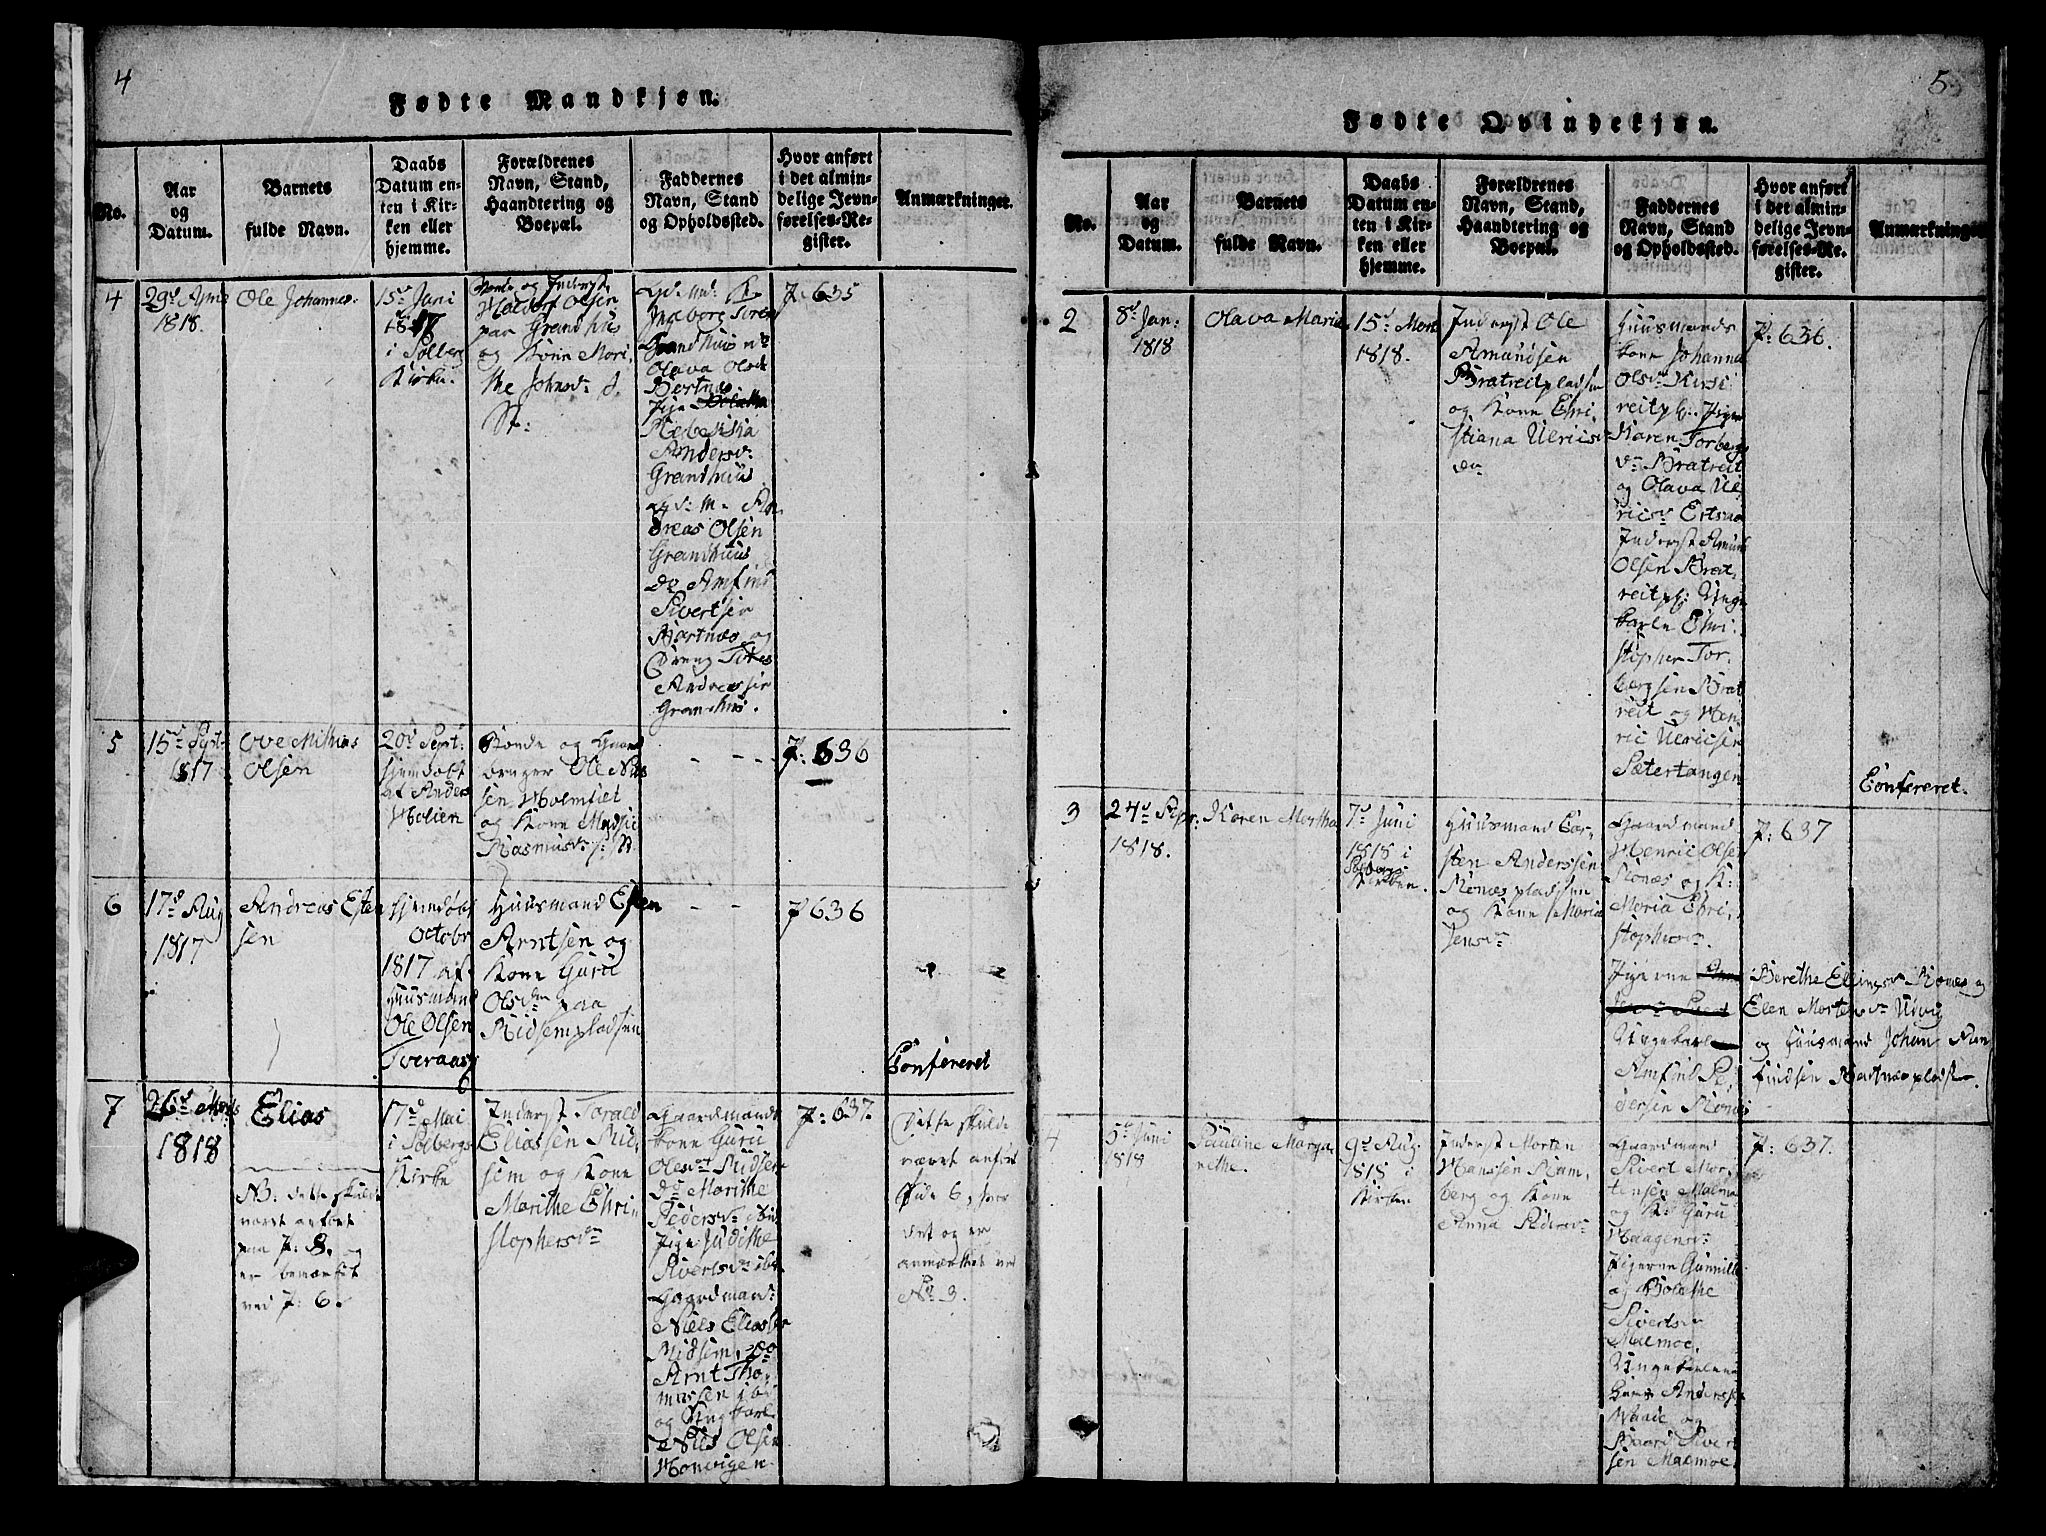 SAT, Ministerialprotokoller, klokkerbøker og fødselsregistre - Nord-Trøndelag, 745/L0433: Klokkerbok nr. 745C02, 1817-1825, s. 4-5